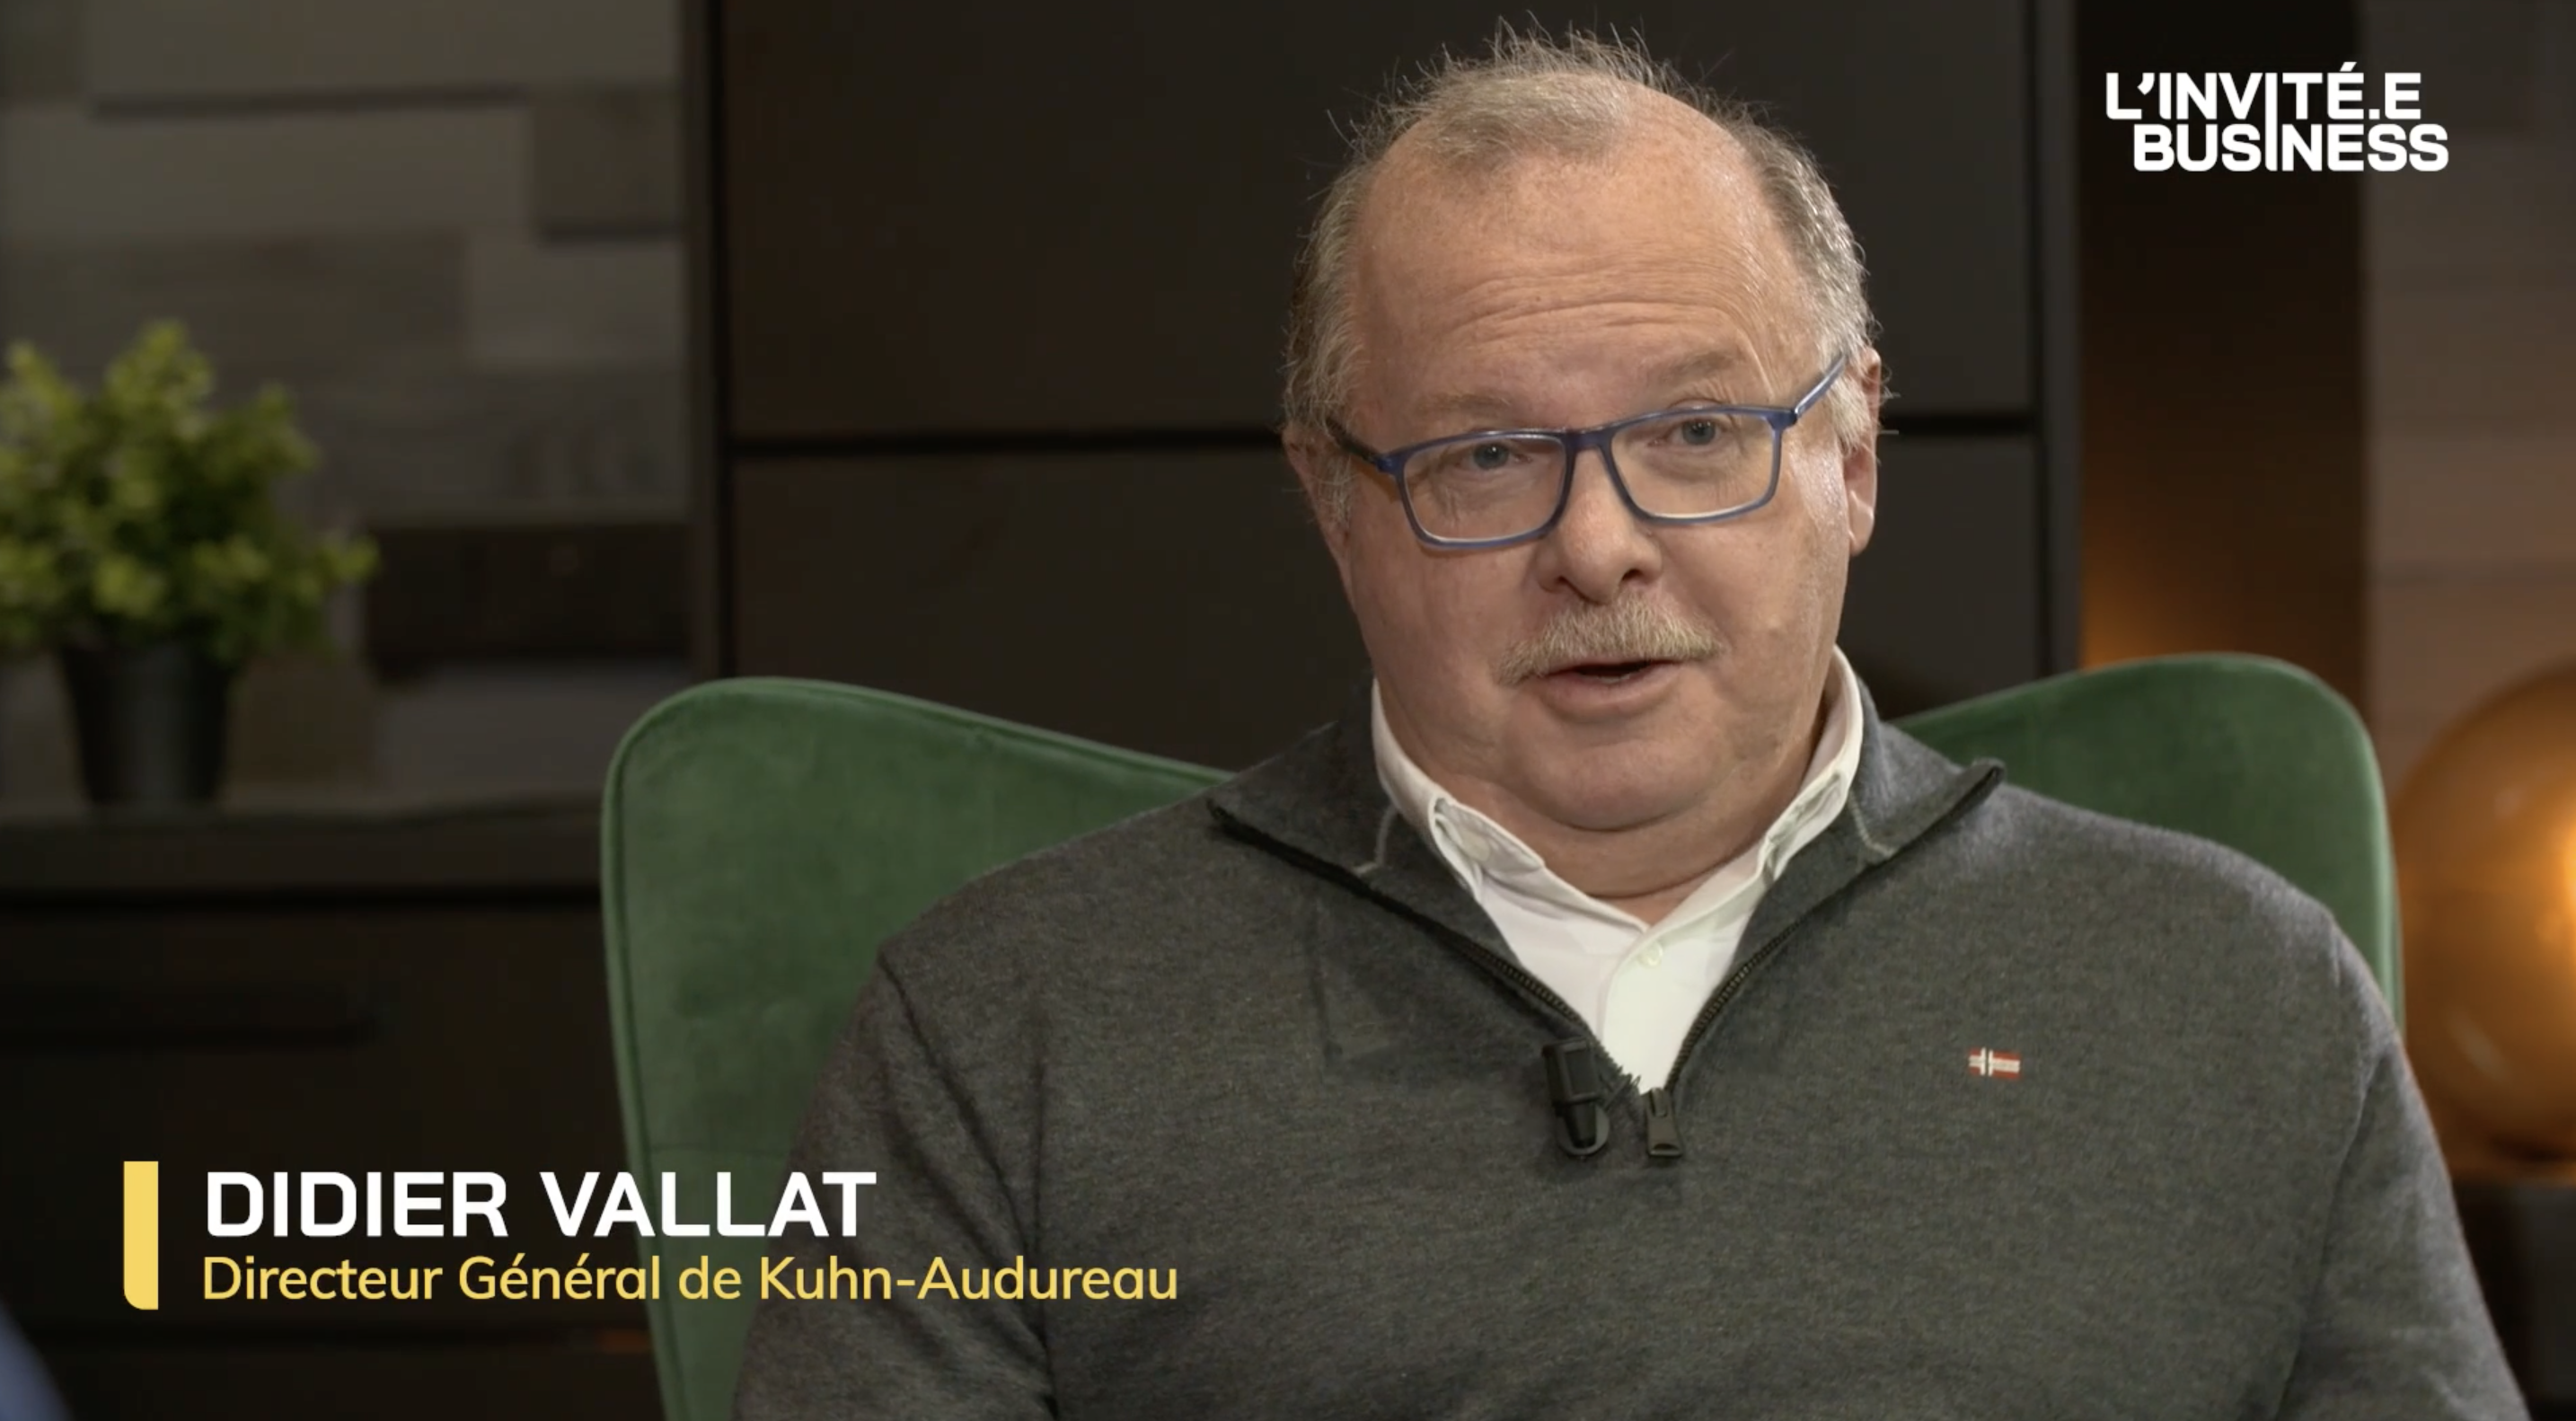 Didier Vallat #39 Directeur Général de Khun-Audureau